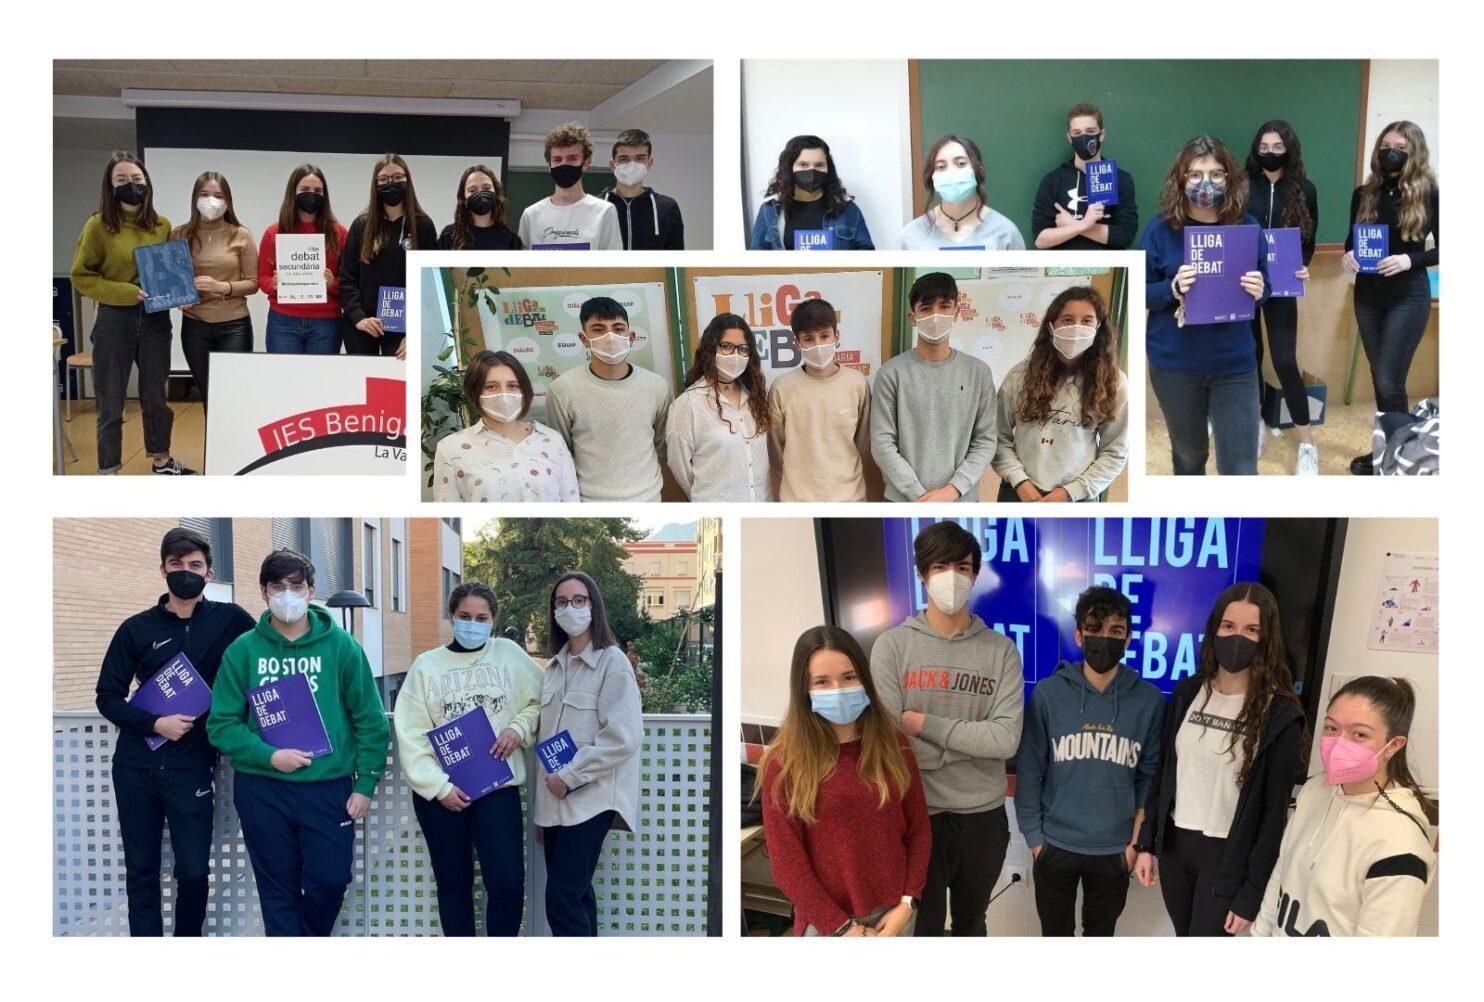 Composició fotos equips fase local Universitat Jaume I